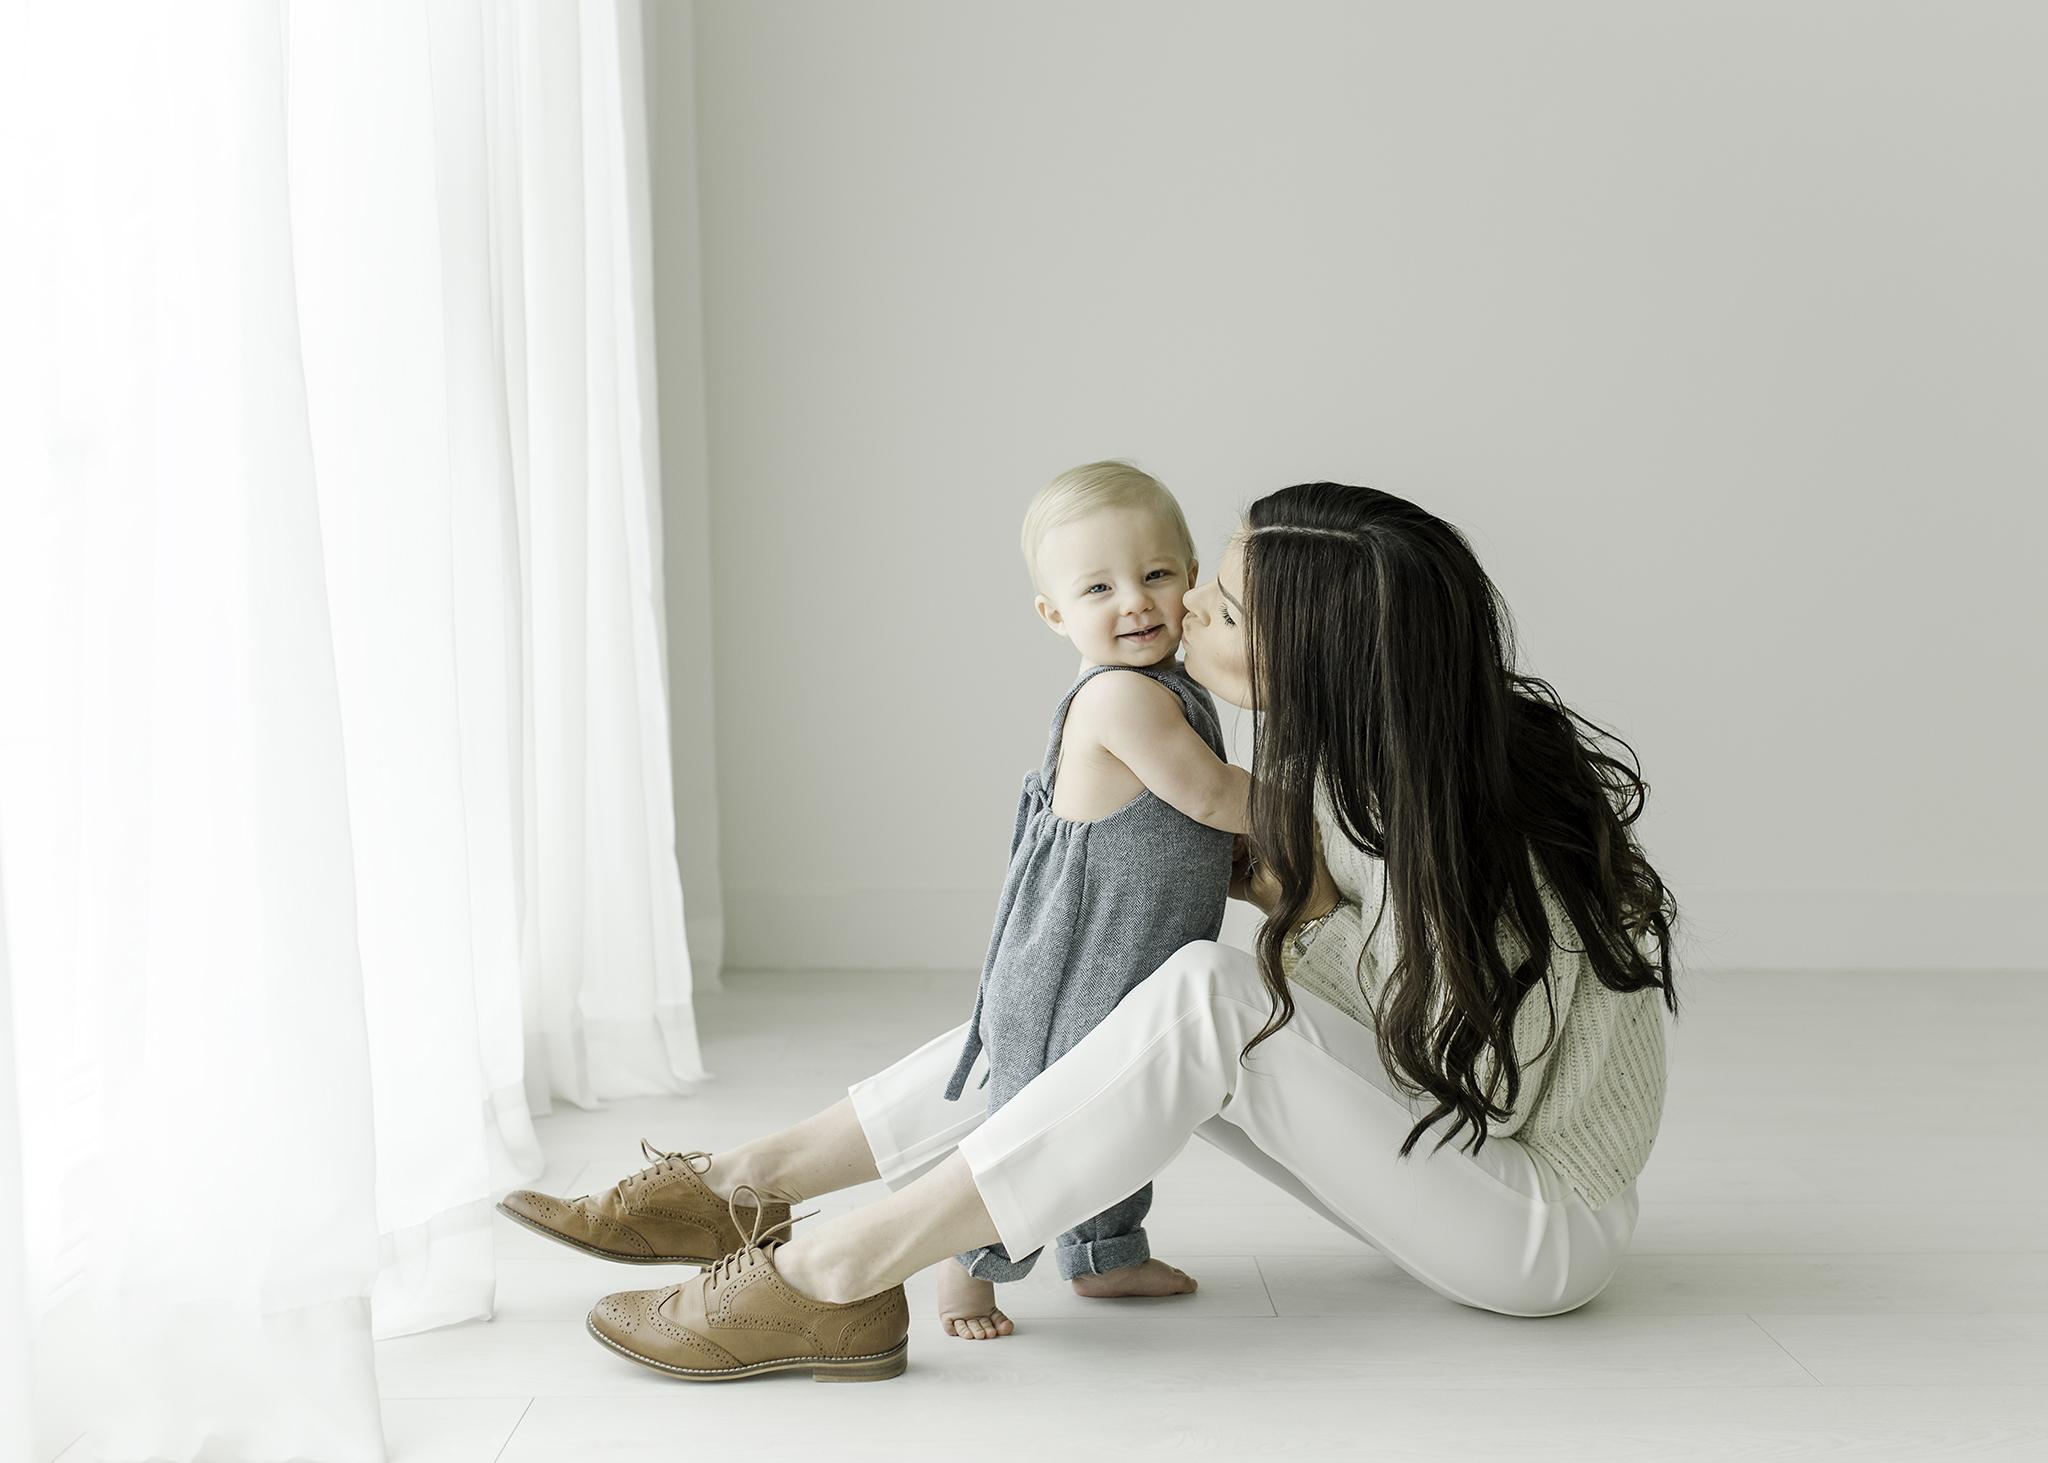 Birmingham_AL_Newborn_Photographer_Rachel_Bond.jpg